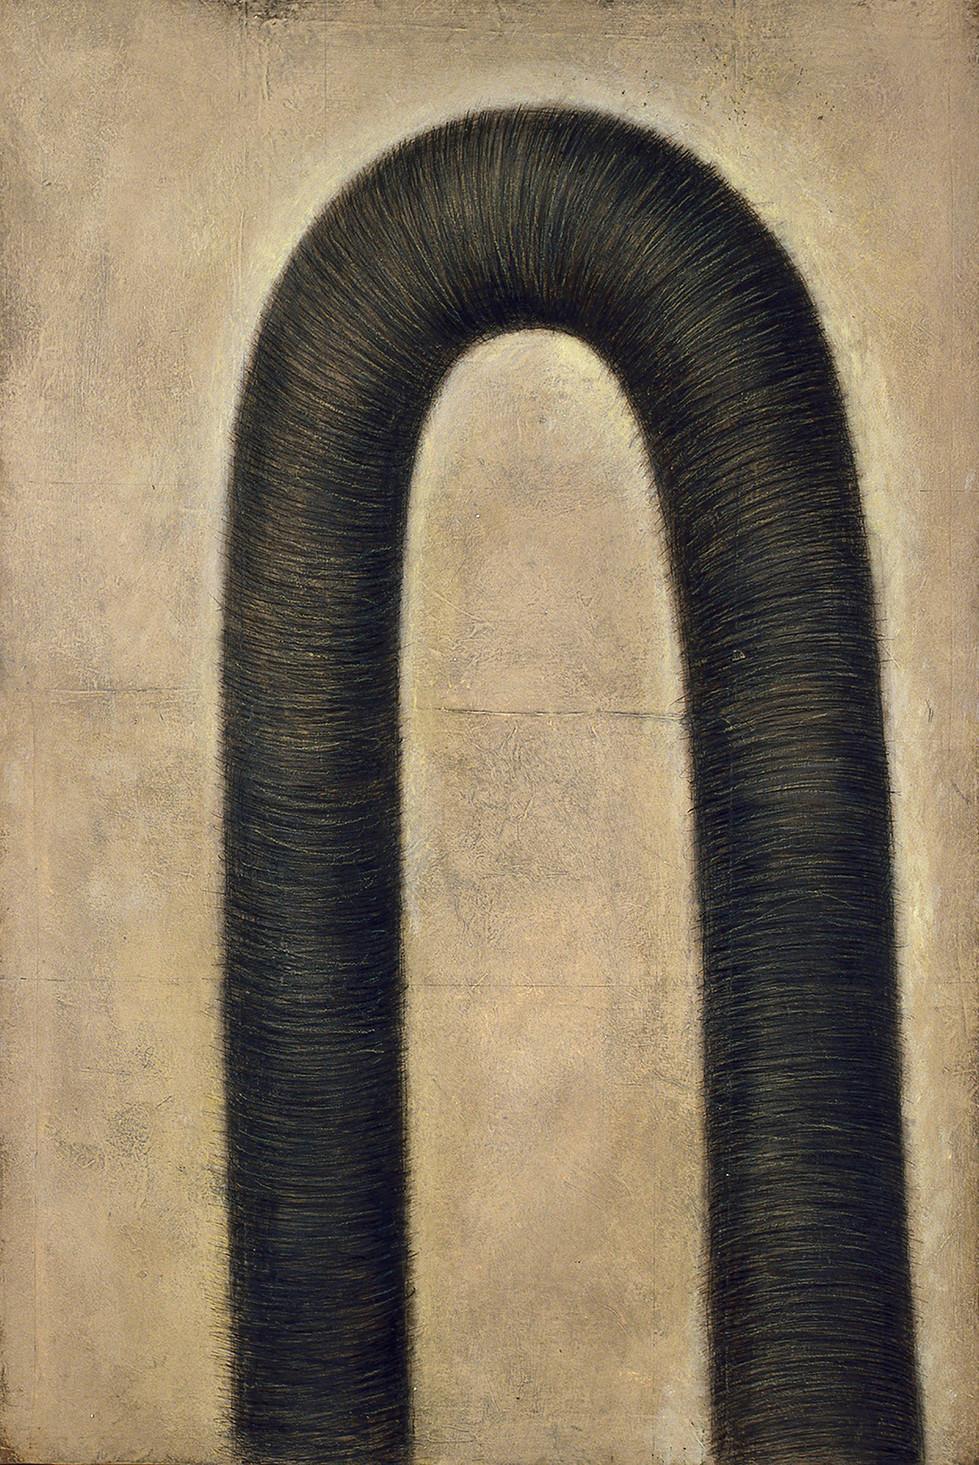 Senza titolo, 2001, pastello su carta su tela, cm 150 x 100